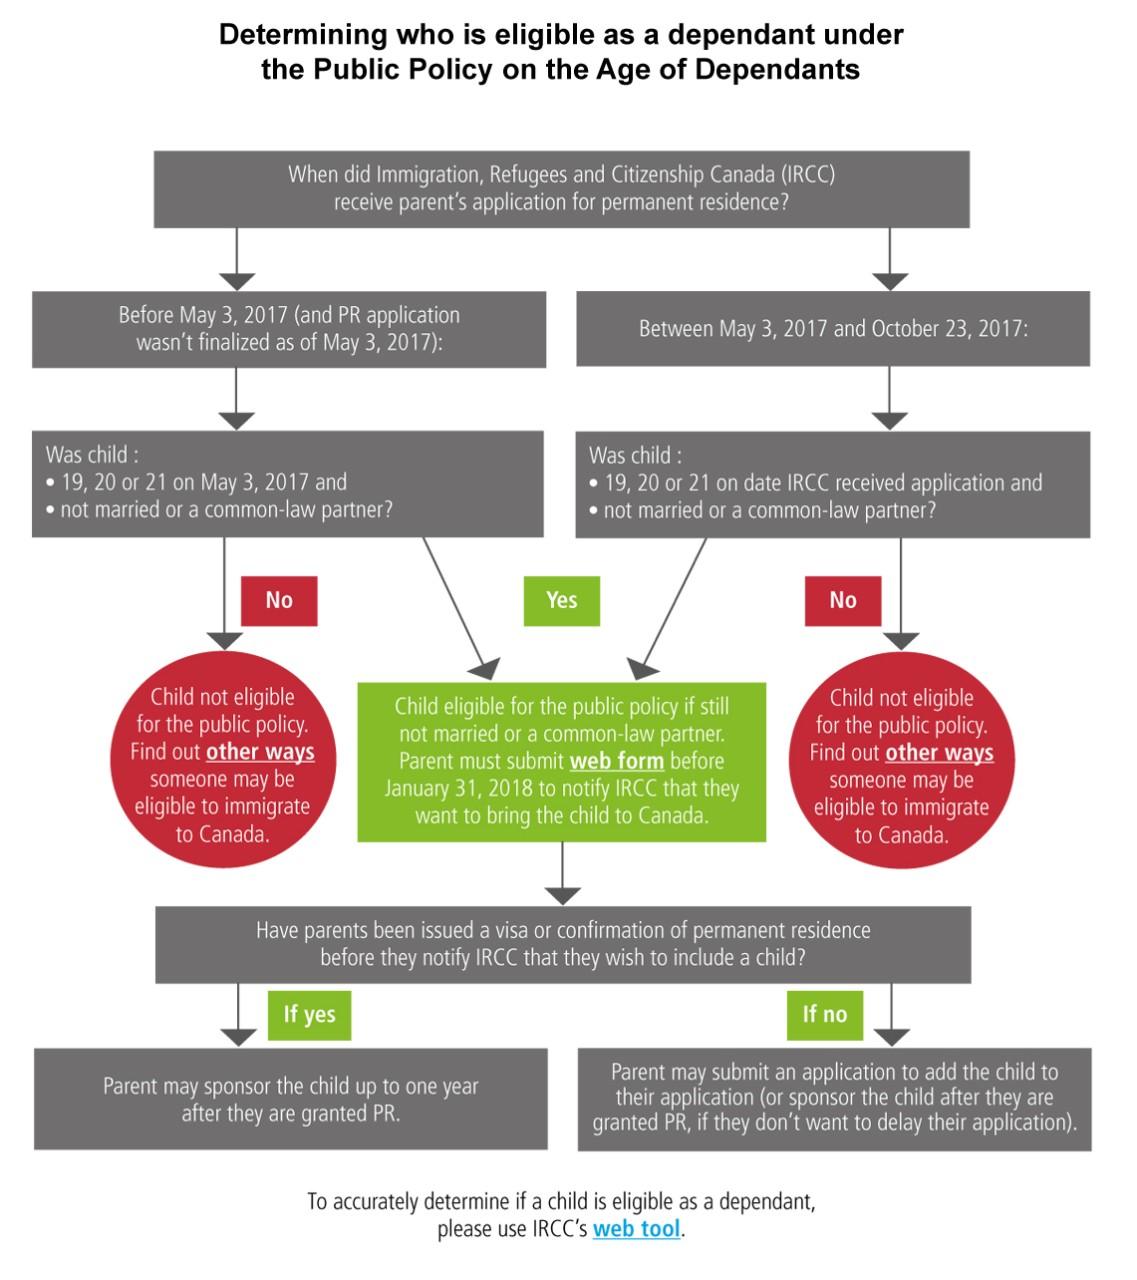 Diagramme illustrant les critères d'admissibilité à titre de personne à charge en vertu de la politique publique sur l'âge des personnes à charge